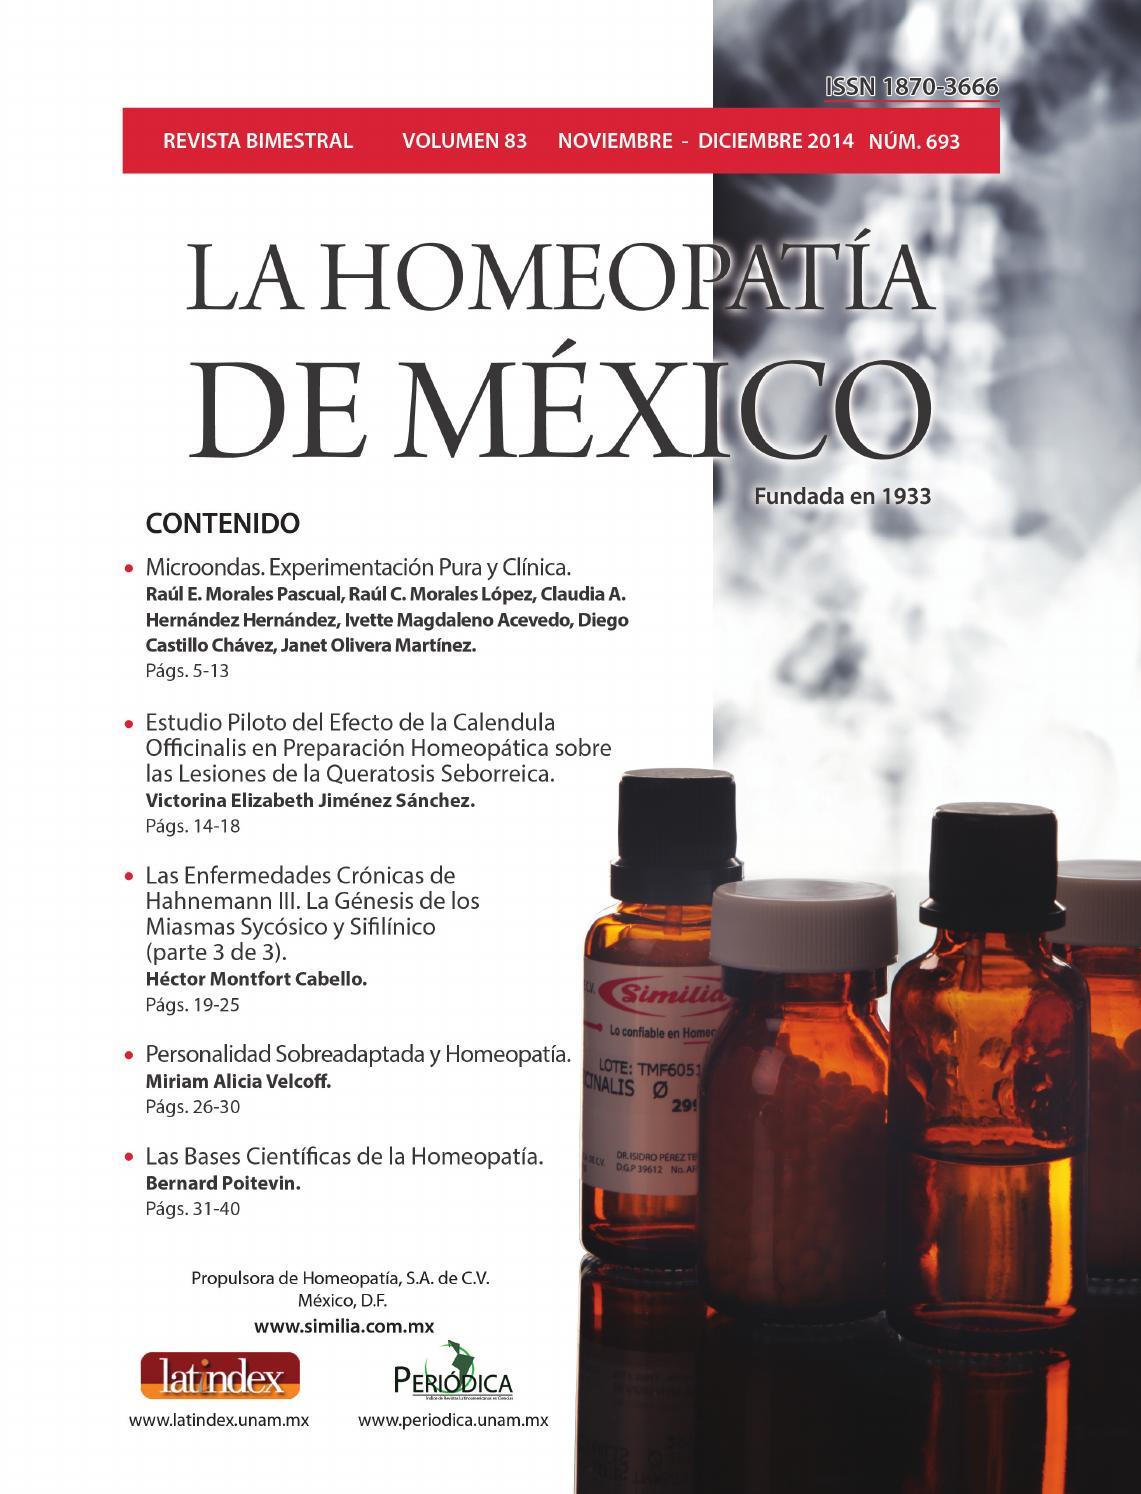 curar el cáncer de próstata con homeopatía